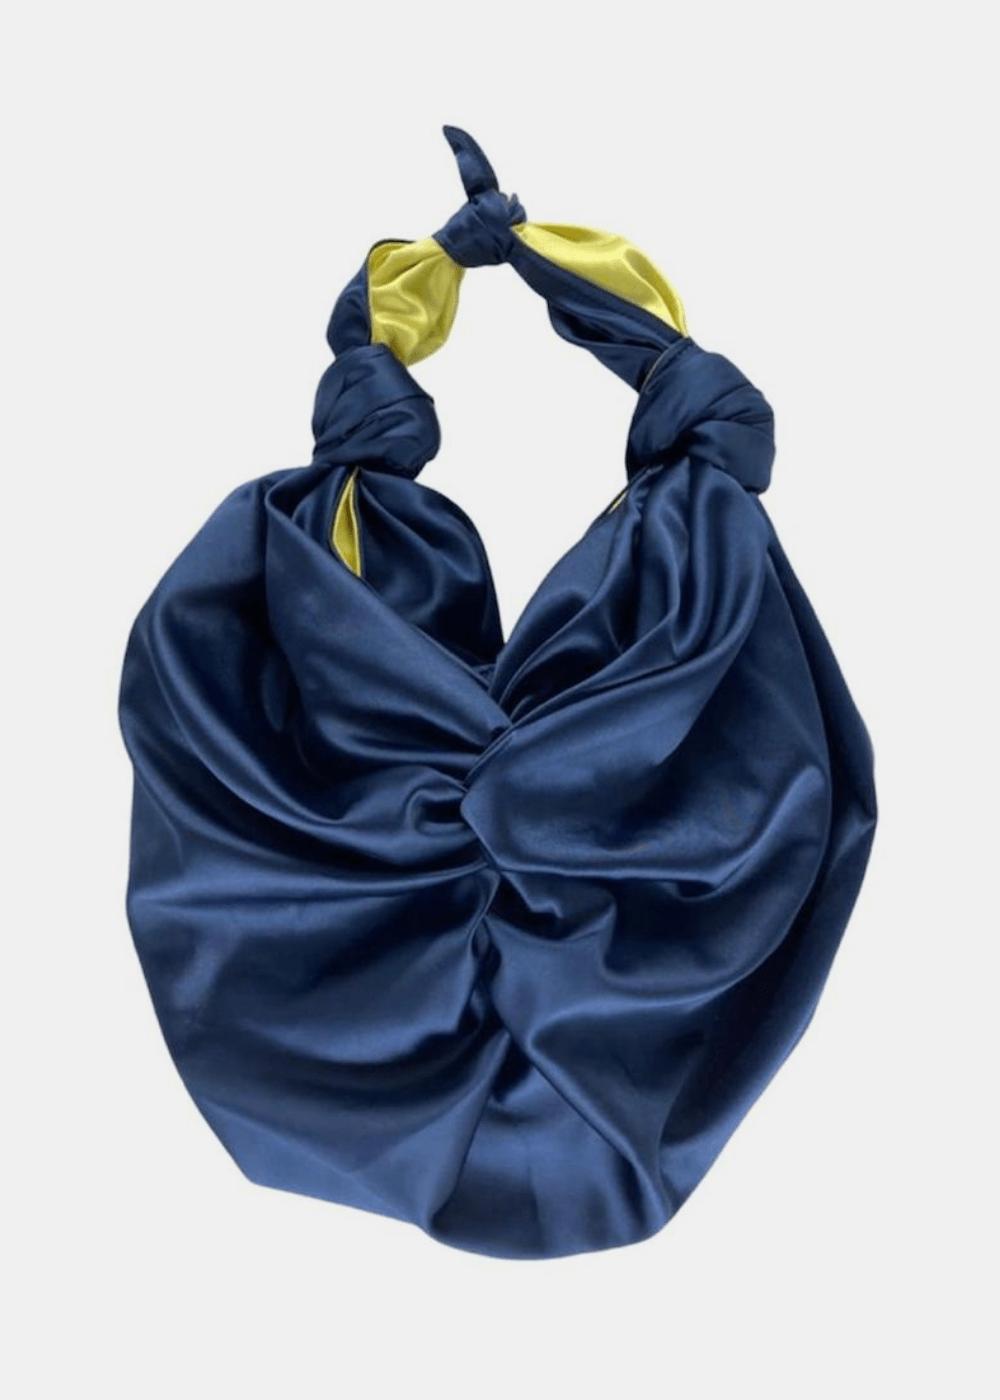 Bolsa Nara Marinho Com Amarelo Azul Marinho U